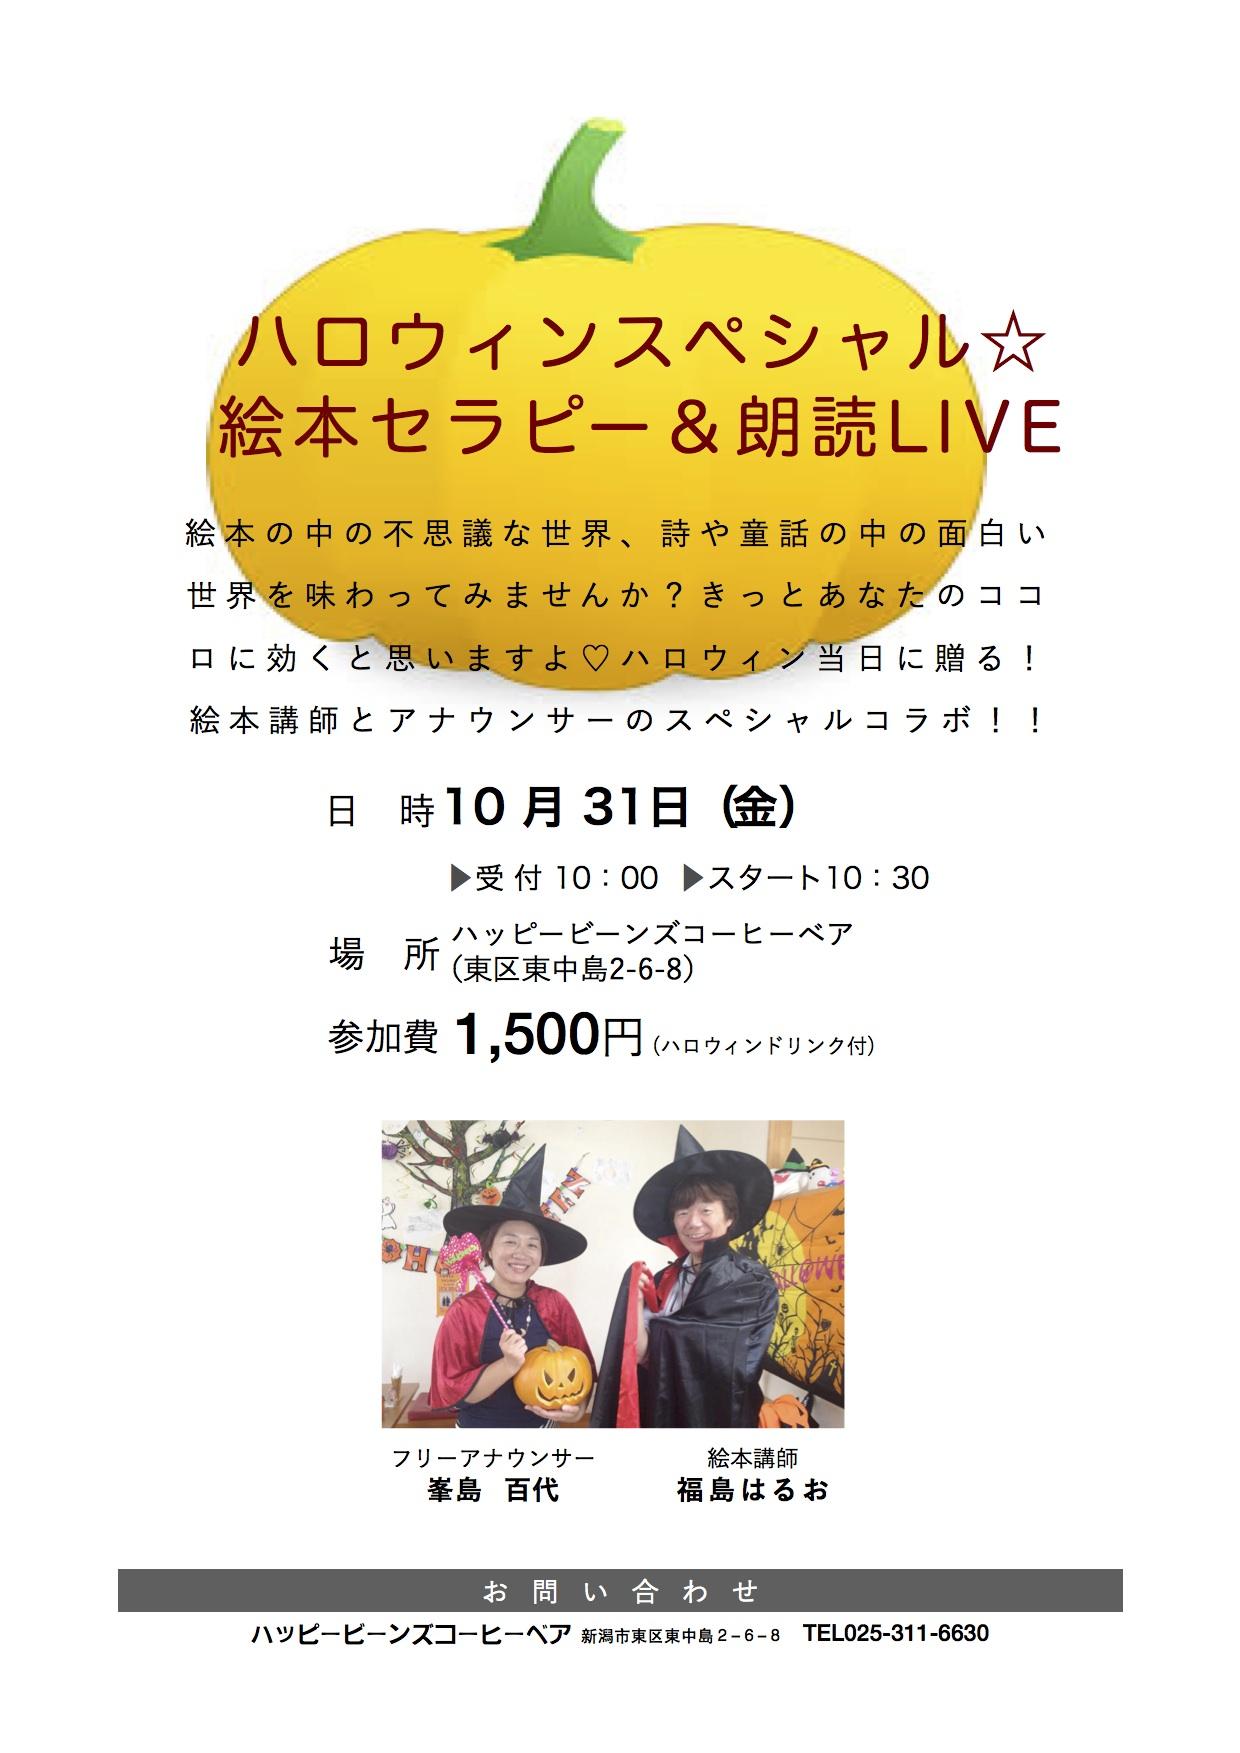 ハロウィンのお楽しみイベント☆_a0126418_17465354.jpg